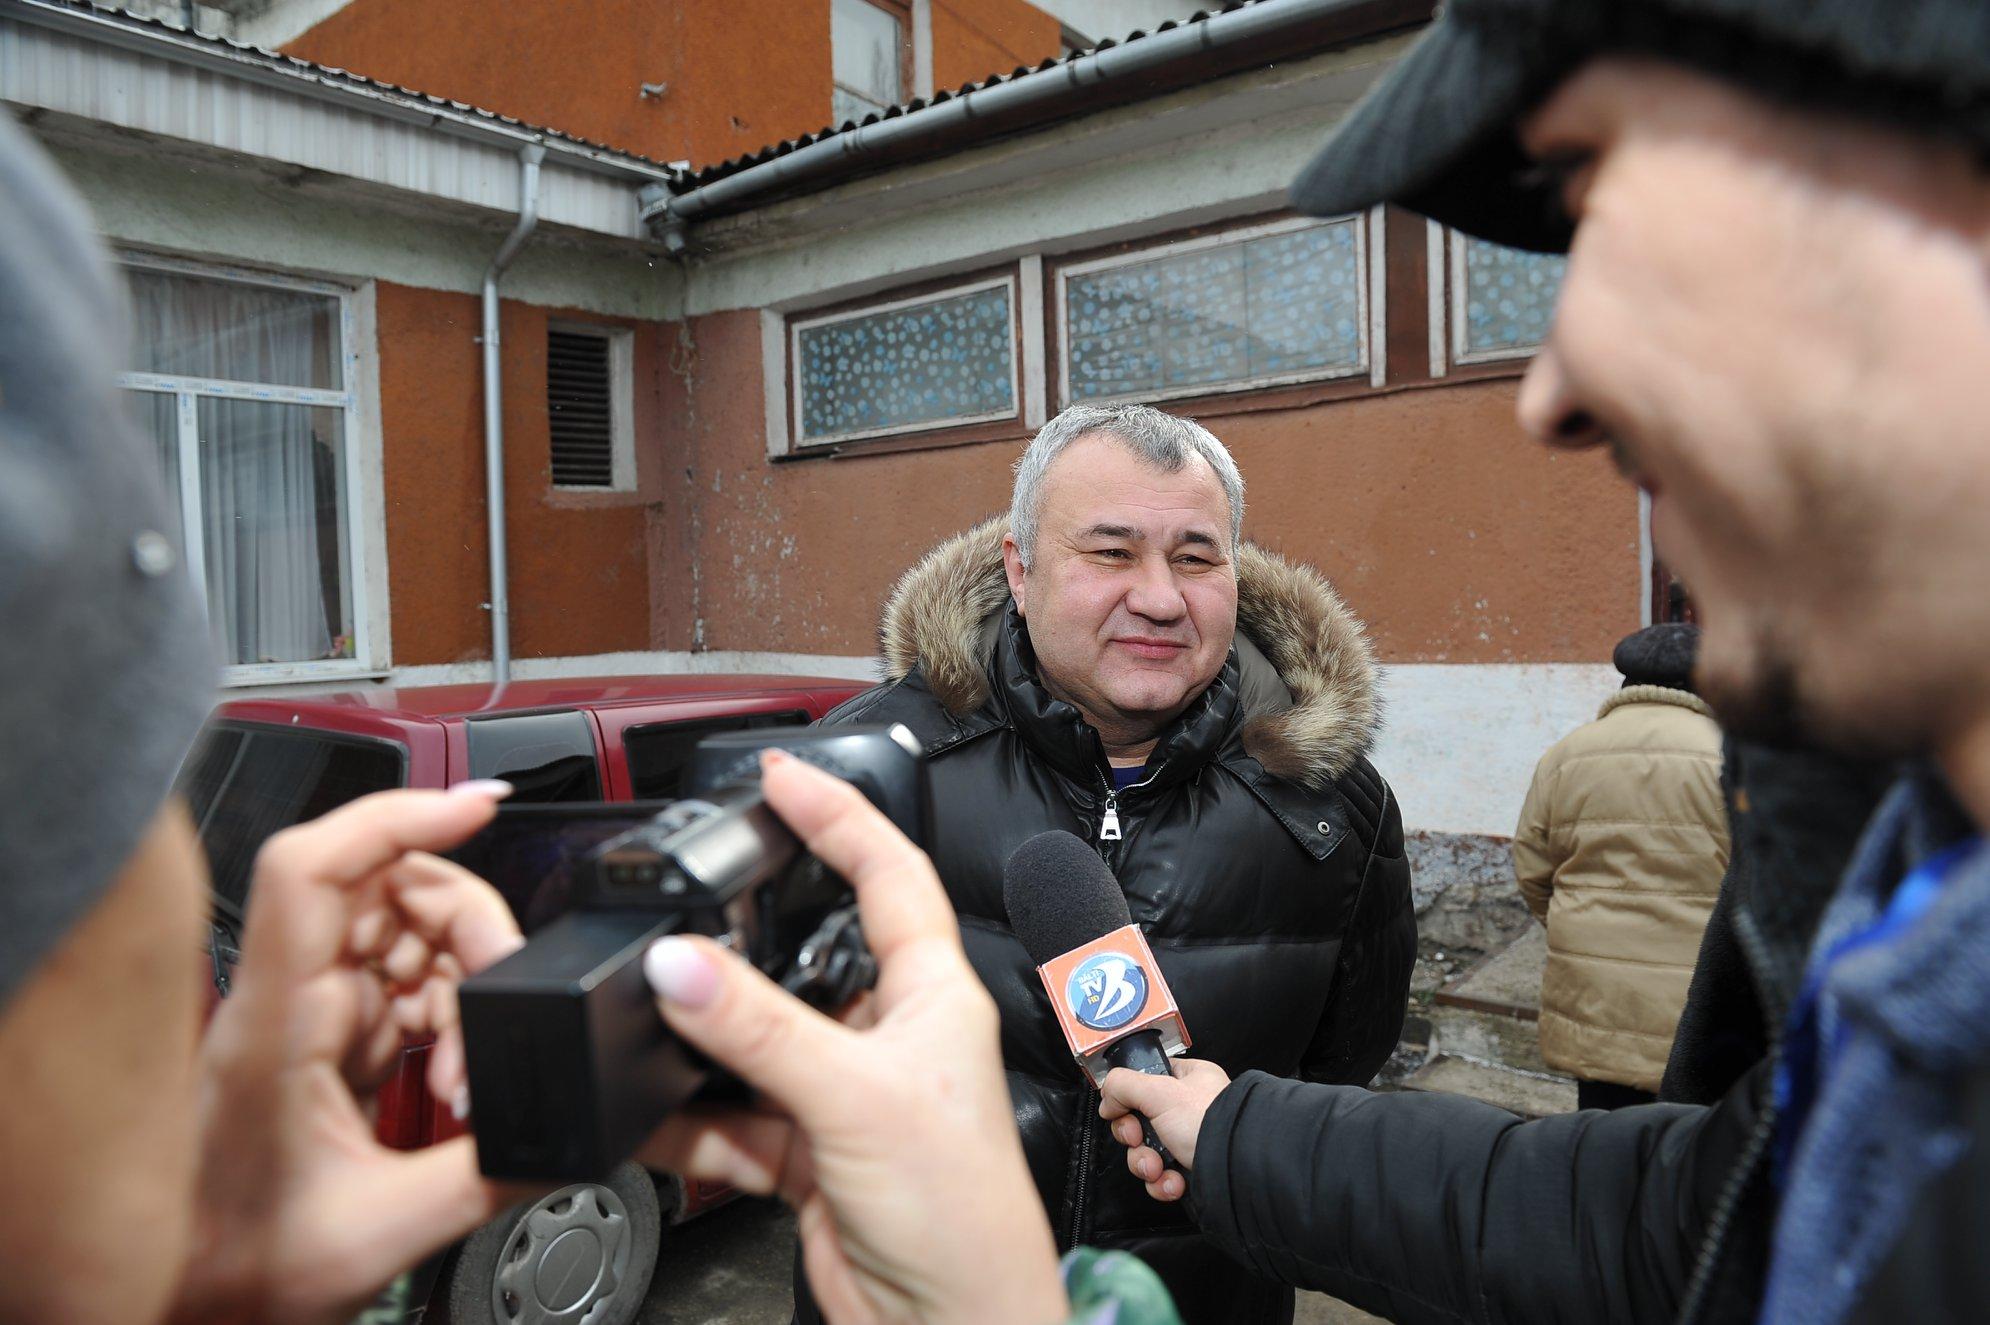 Николай Григоришин: Выборы проходят с множеством нарушений – людей заставляют голосовать